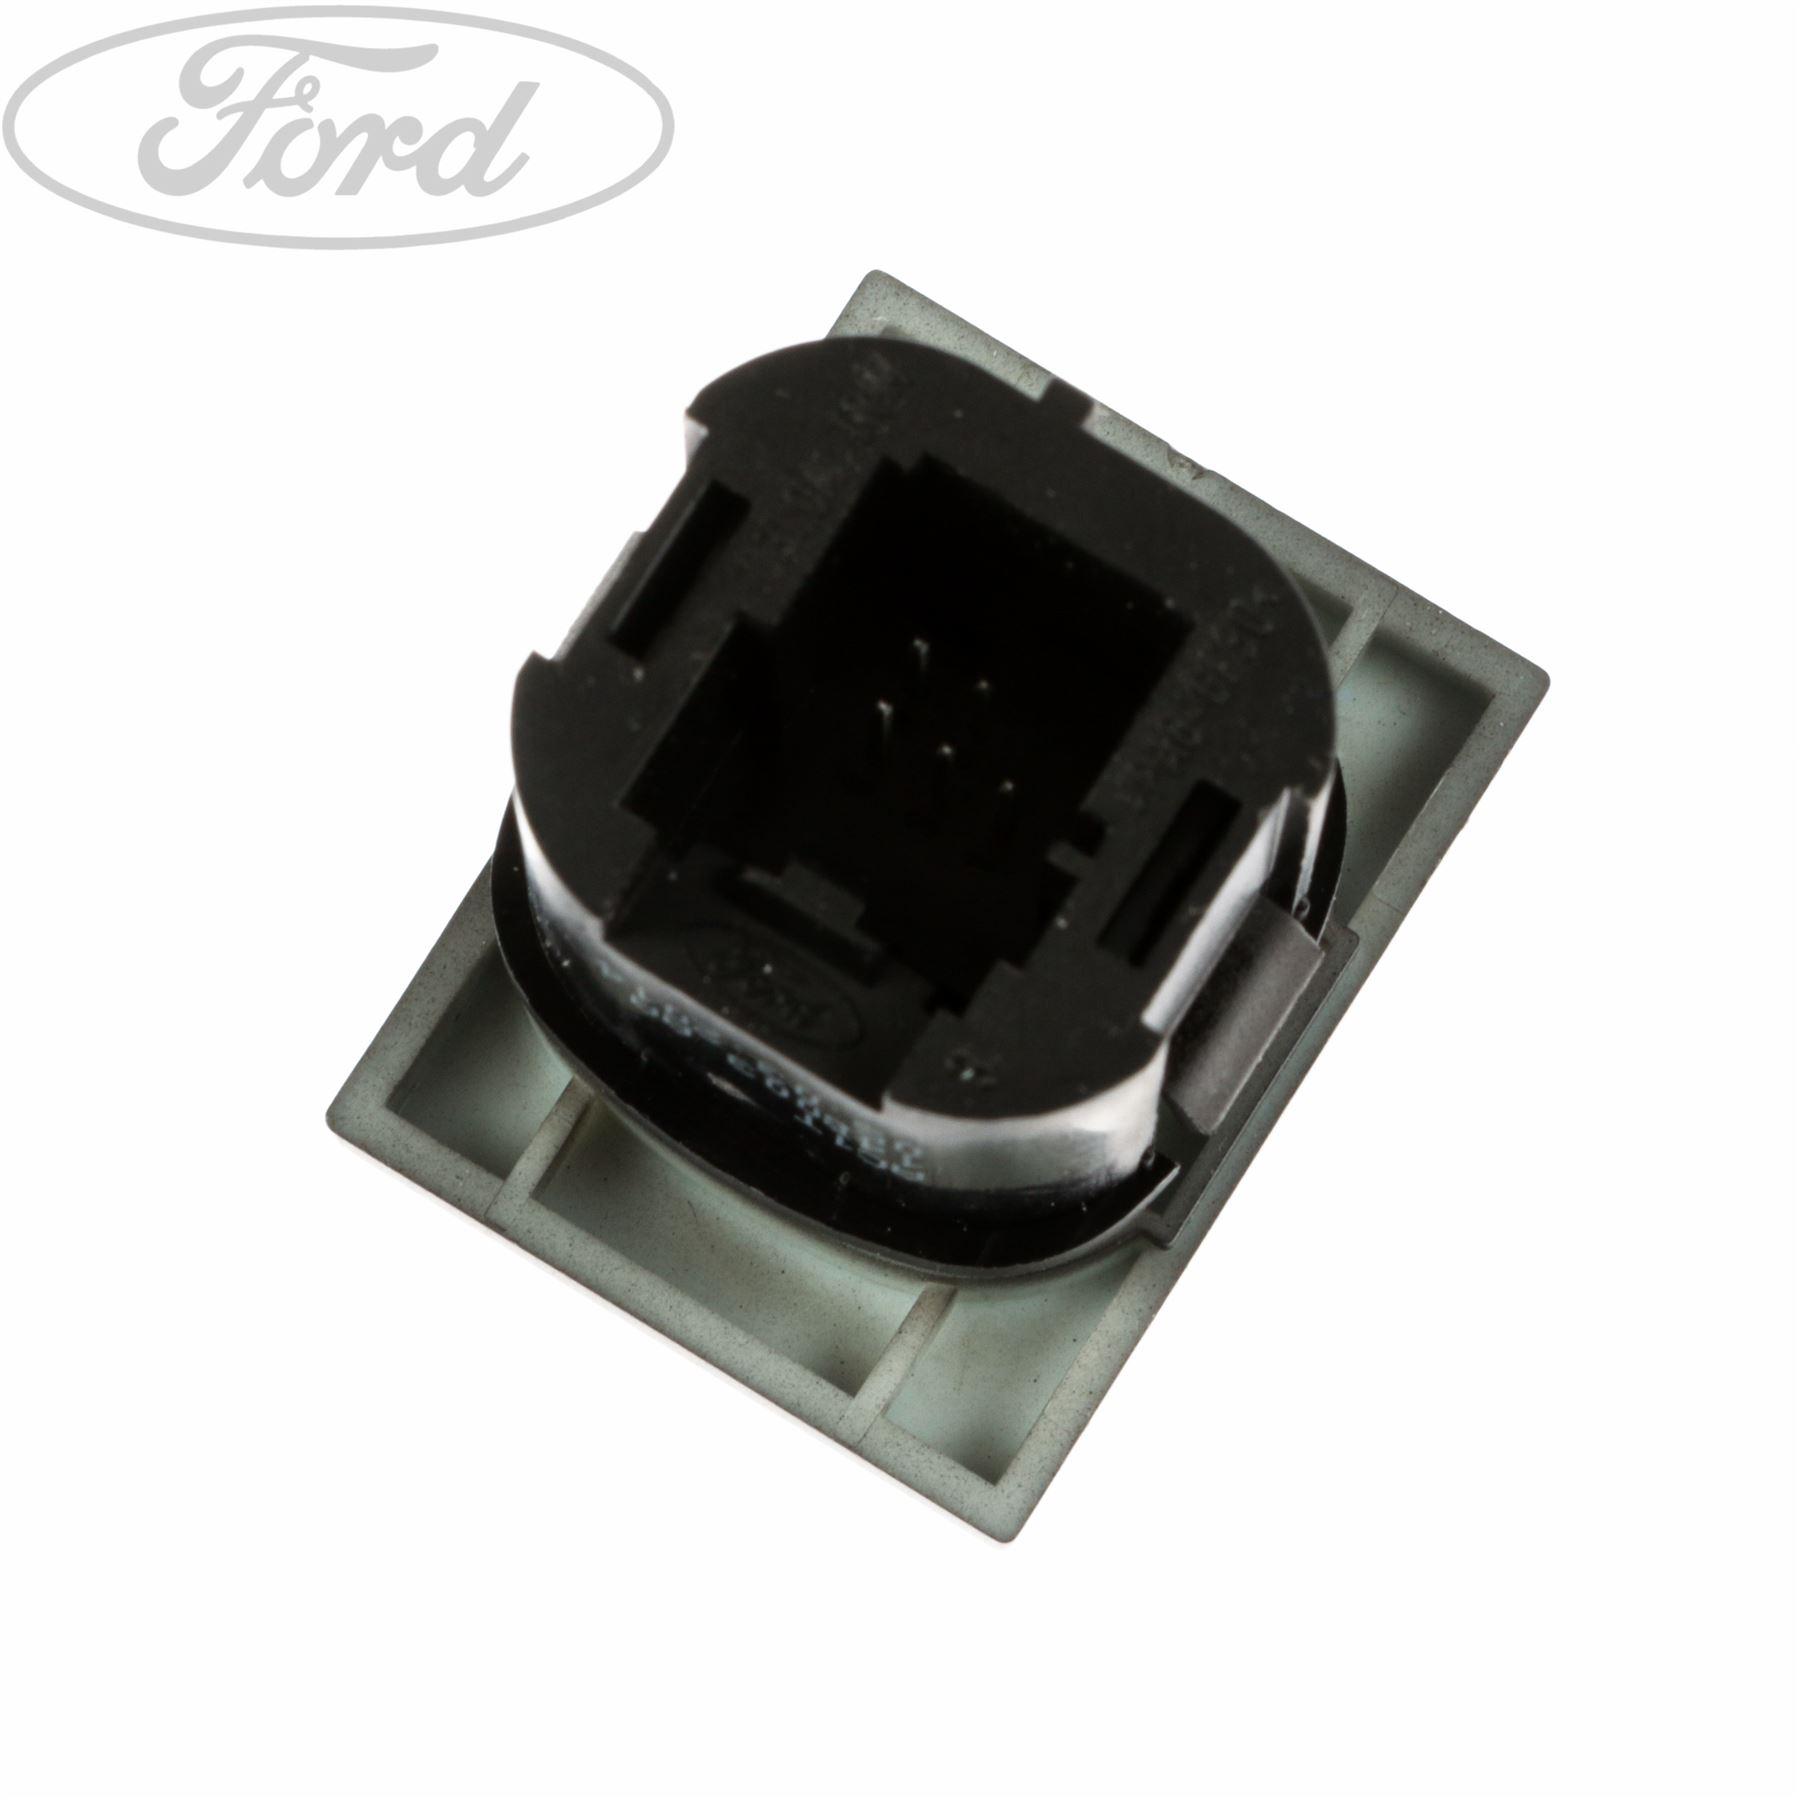 NEW Ford Transit 2010-2014 Window Control Switch 6 Pin 6S6T14529AF 6S6T14529AB Przełączniki